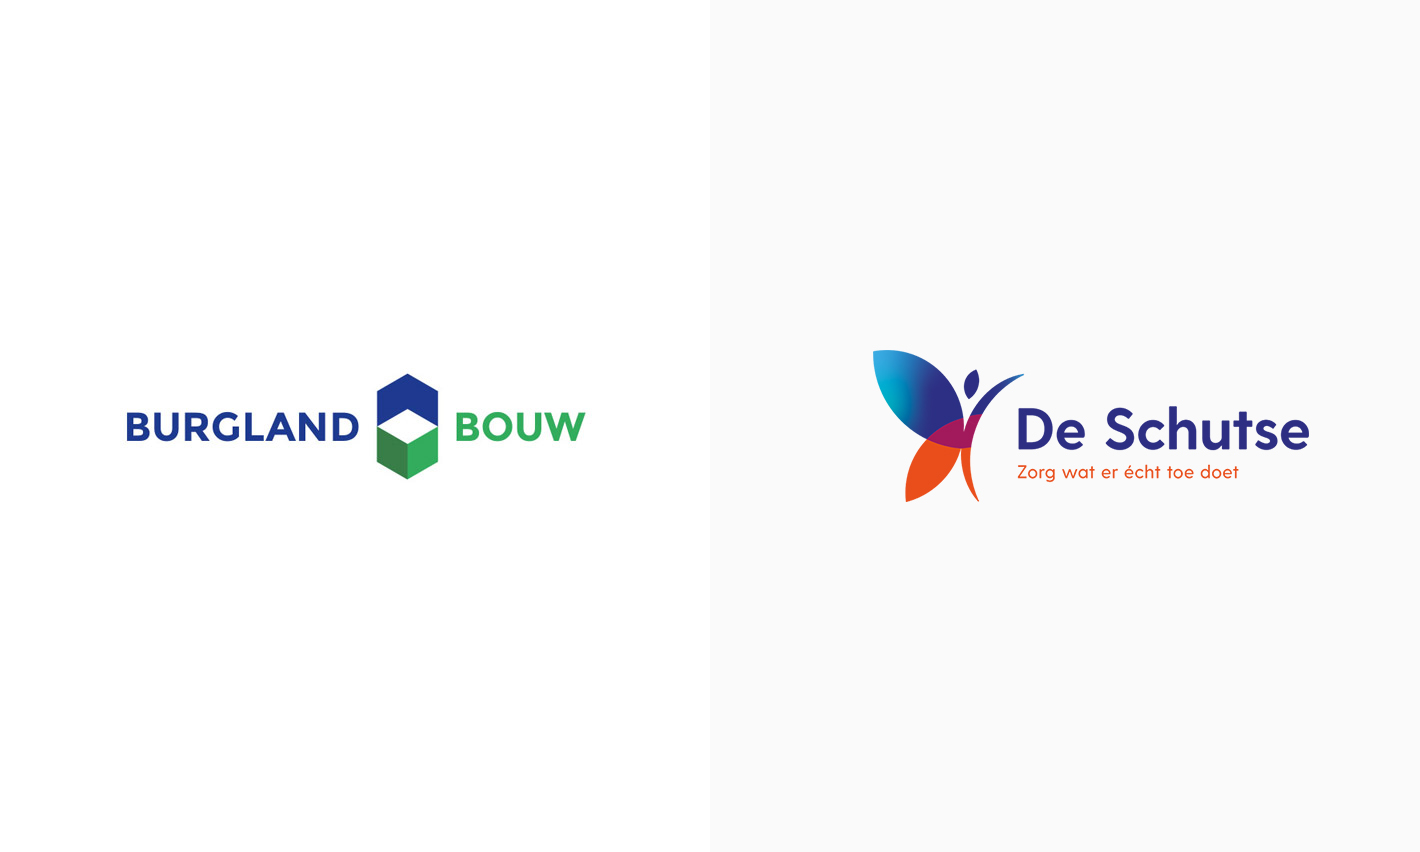 Verschillende logo's en huisstijlen